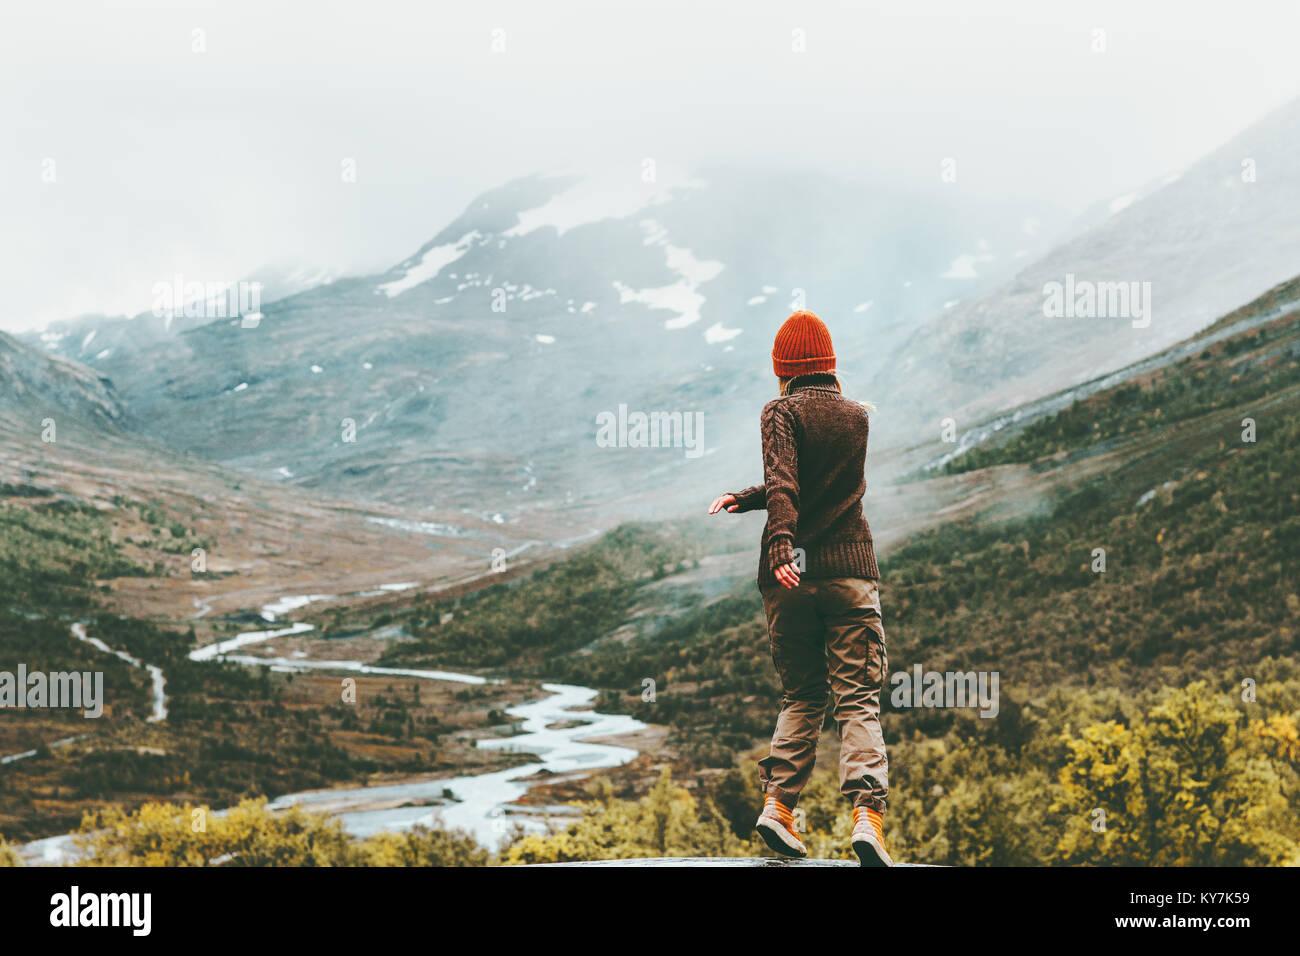 Donna che cammina outdoor foggy montagne sullo sfondo stile di vita viaggio concetto getaway avventura vacanze attive Immagini Stock